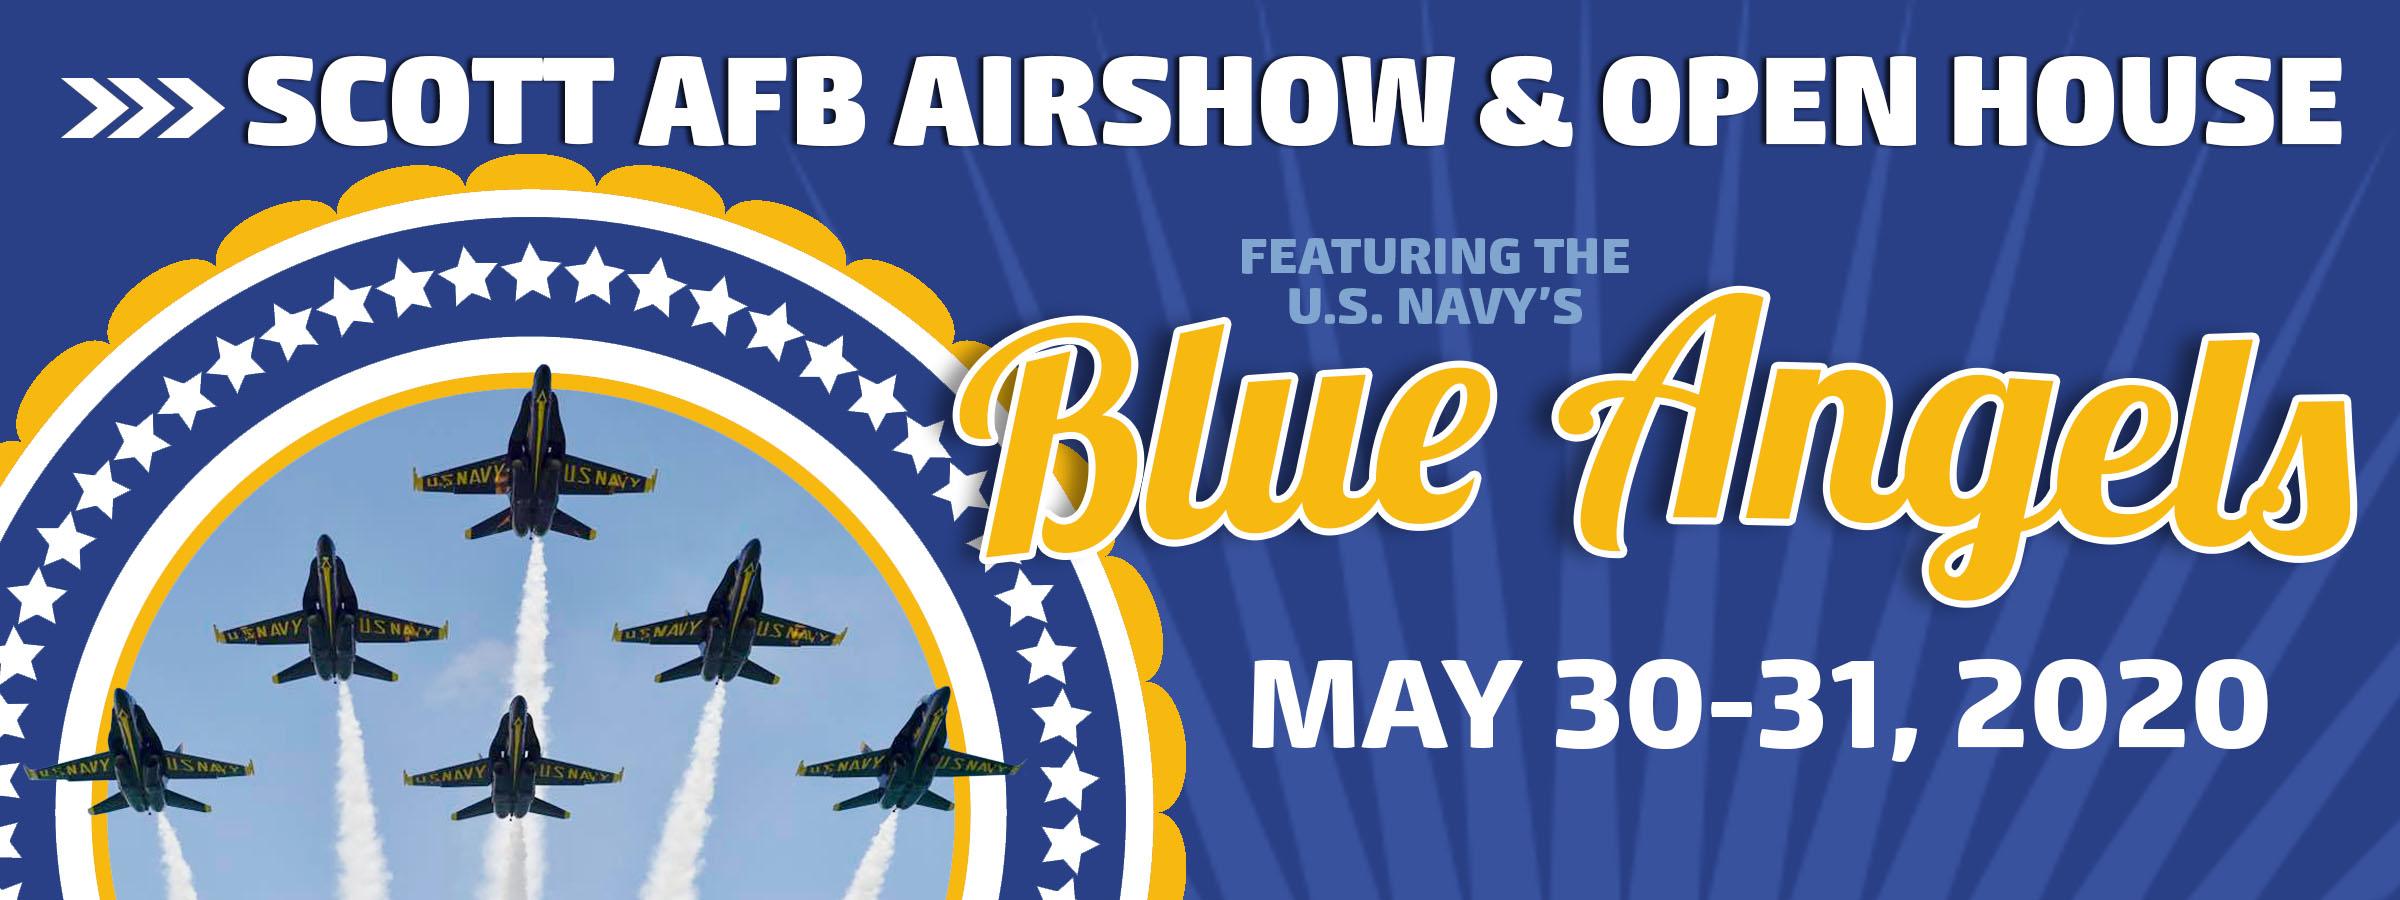 Scott Air Force Base Air Show 2020.Cannon Air Force Base Air Show 2020 Show 2020